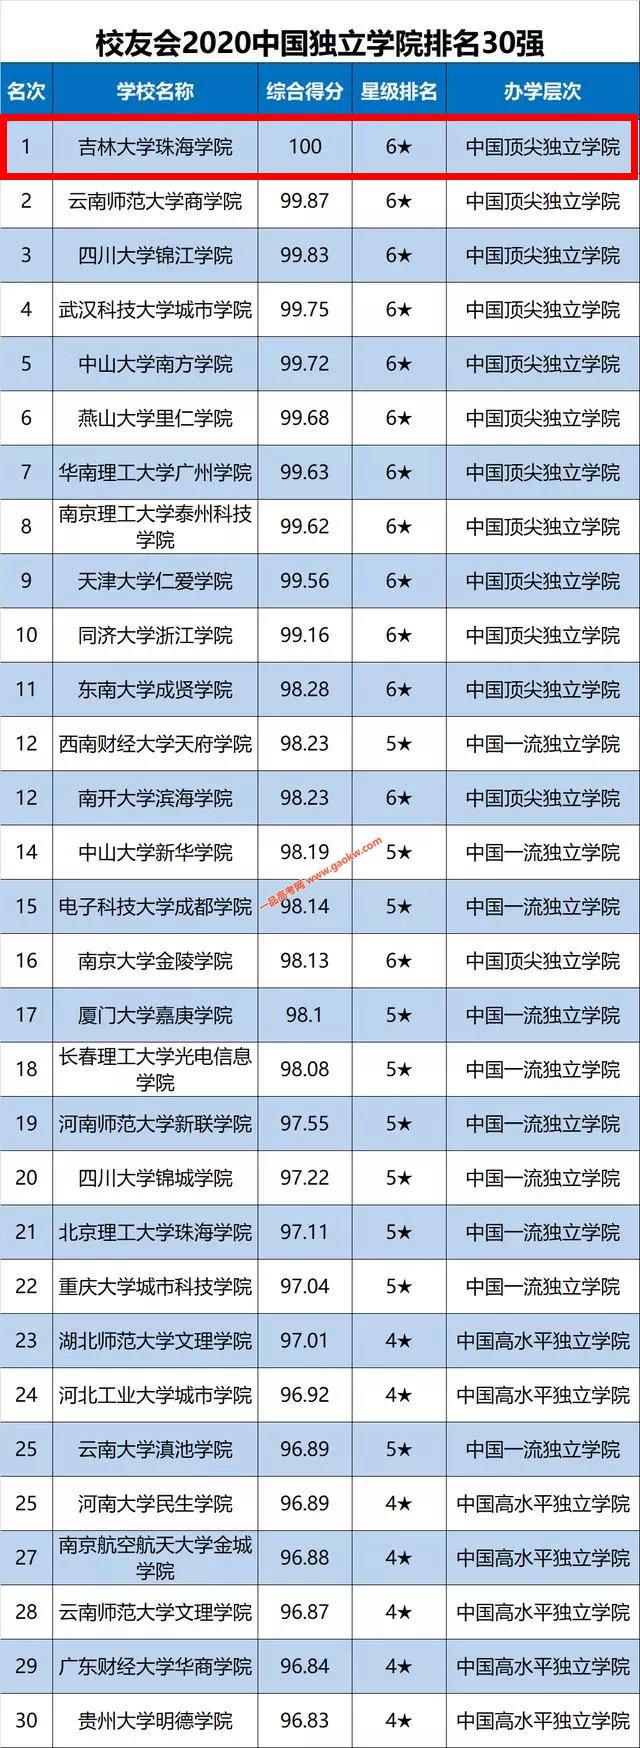 吉林大学珠海学院雄踞2020中国独立学院排行榜榜首